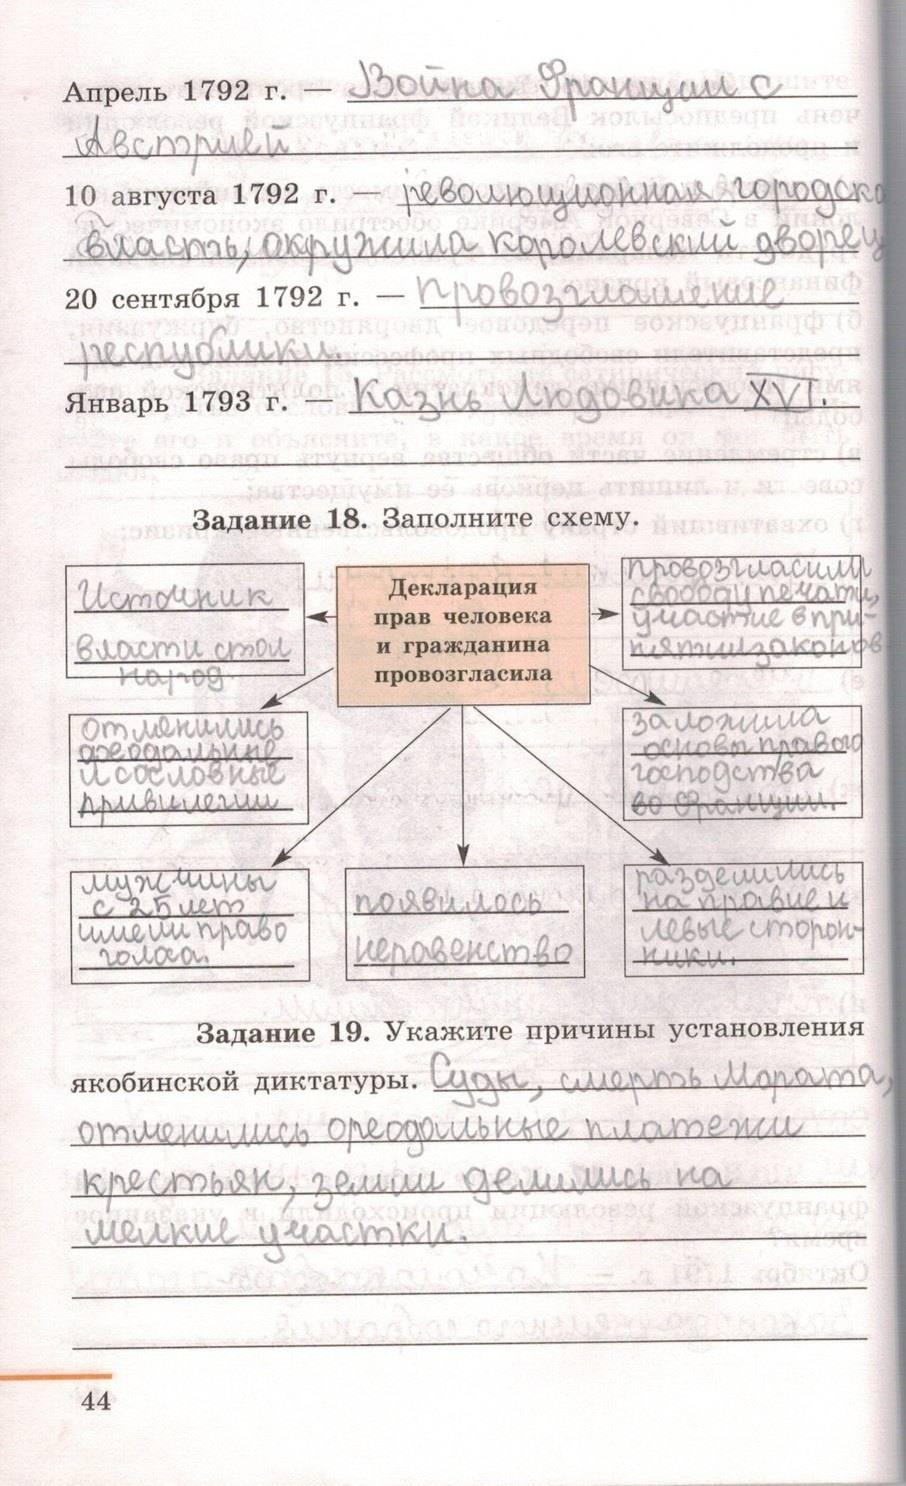 учебник истории по юдовская гдз всеобщей таблица класс 7